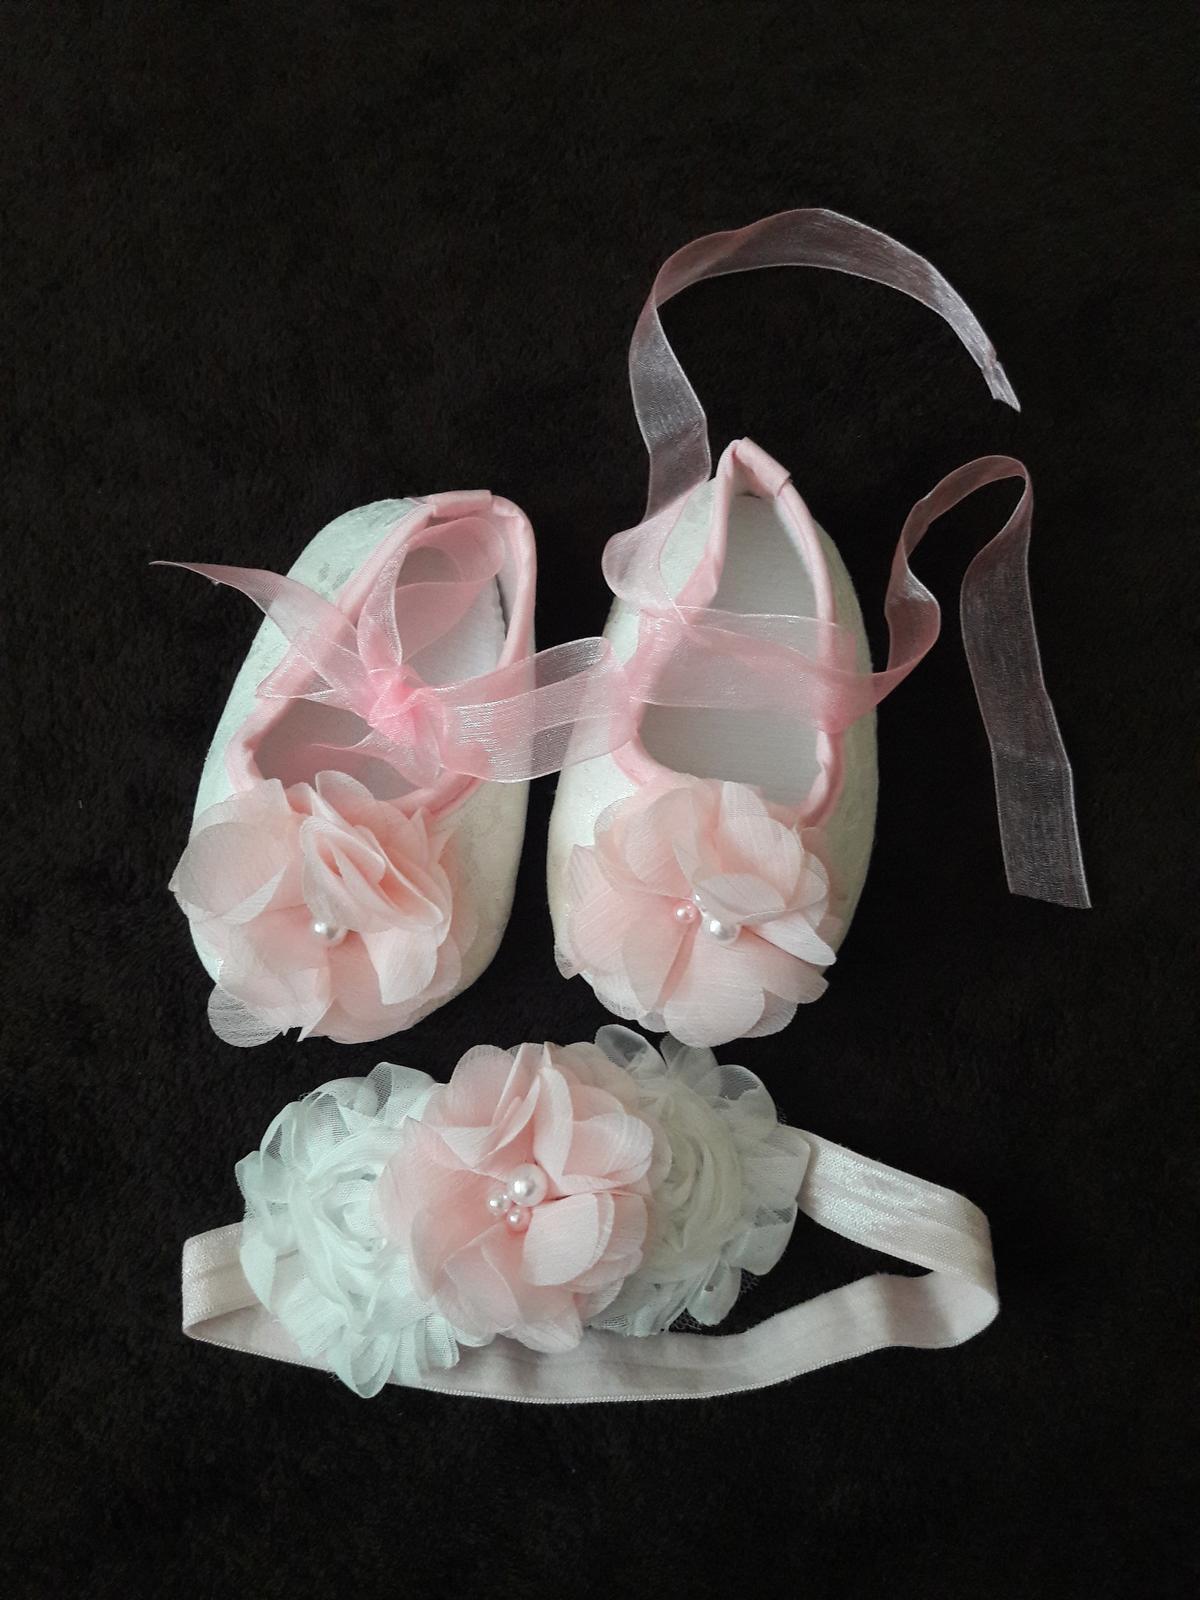 Súprava topánočky a čelenka - Obrázok č. 1